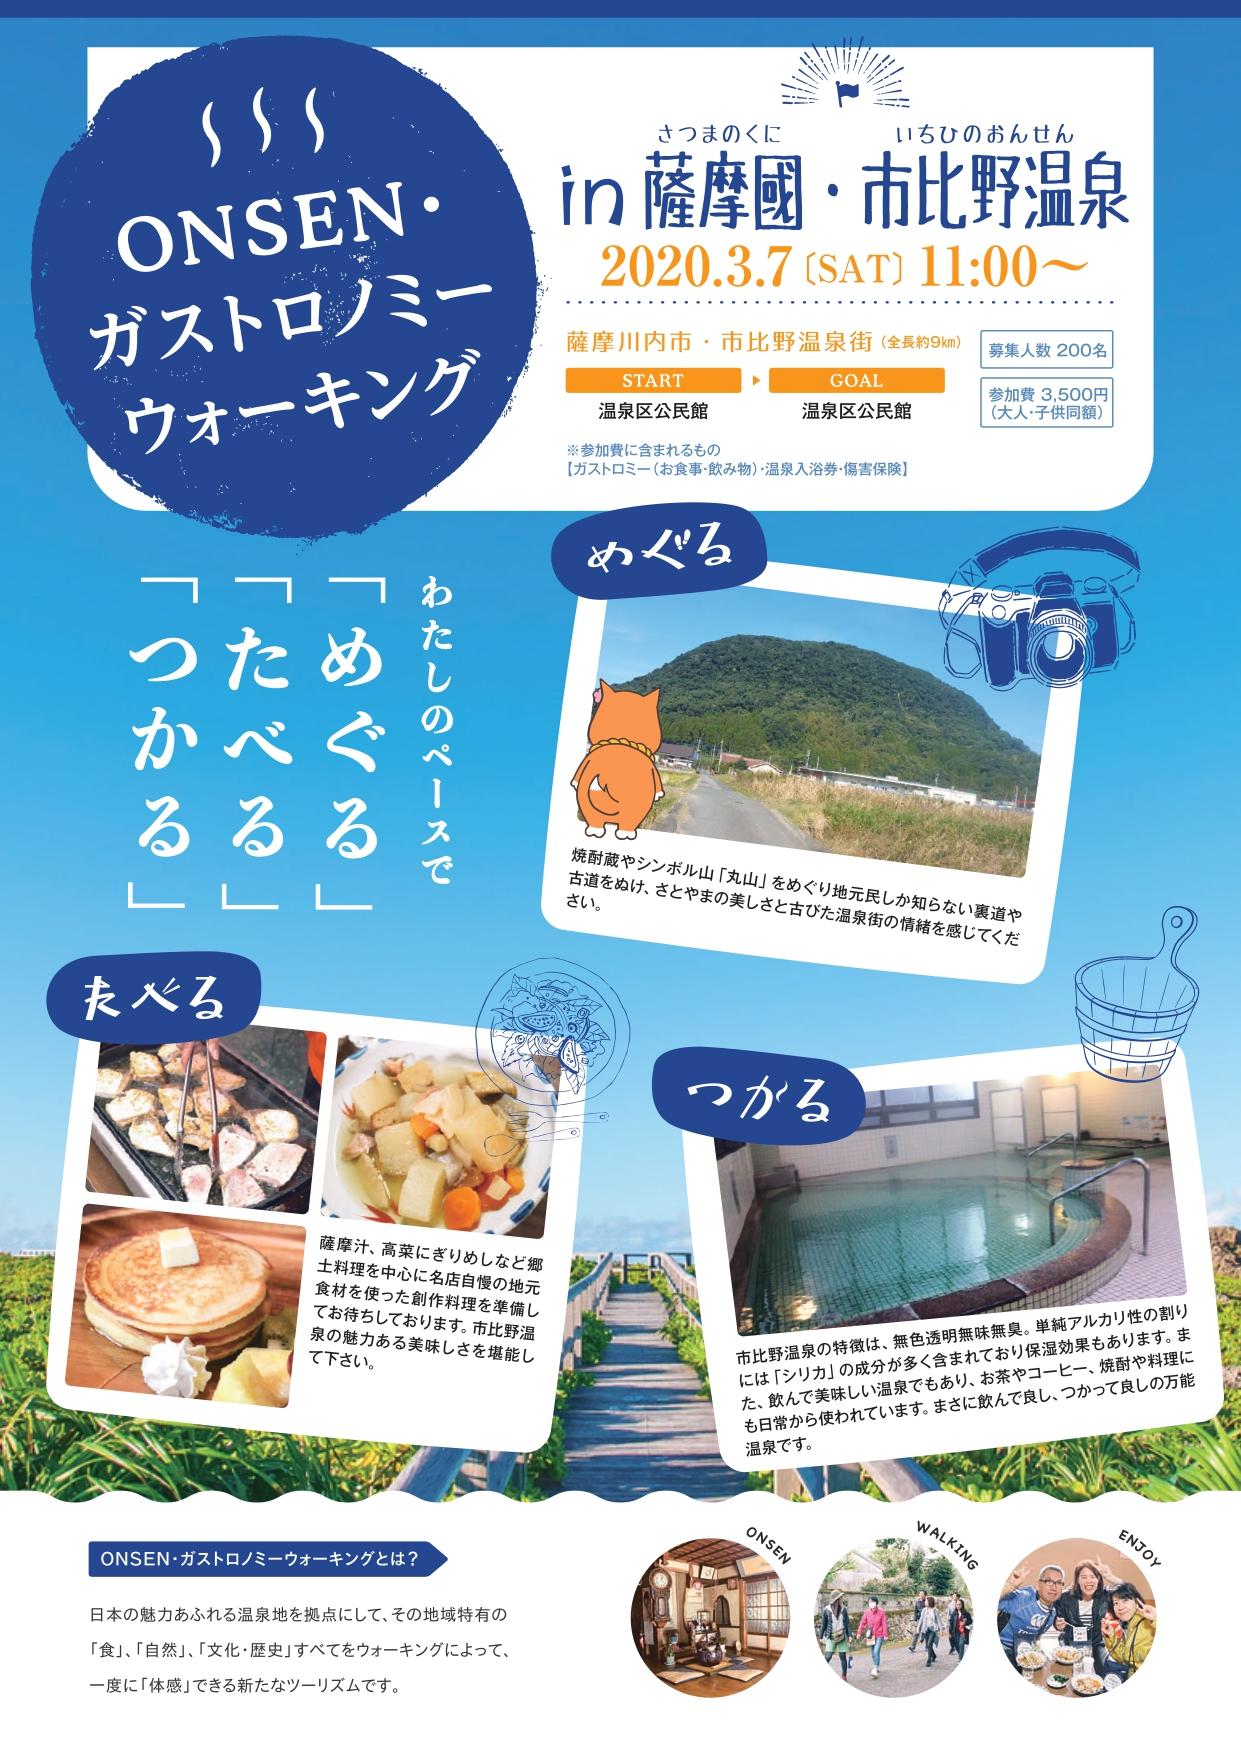 【第3回】ONSEN・ガストロノミーウォーキング in 薩摩國・ 市比野温泉(募集締切3/3)